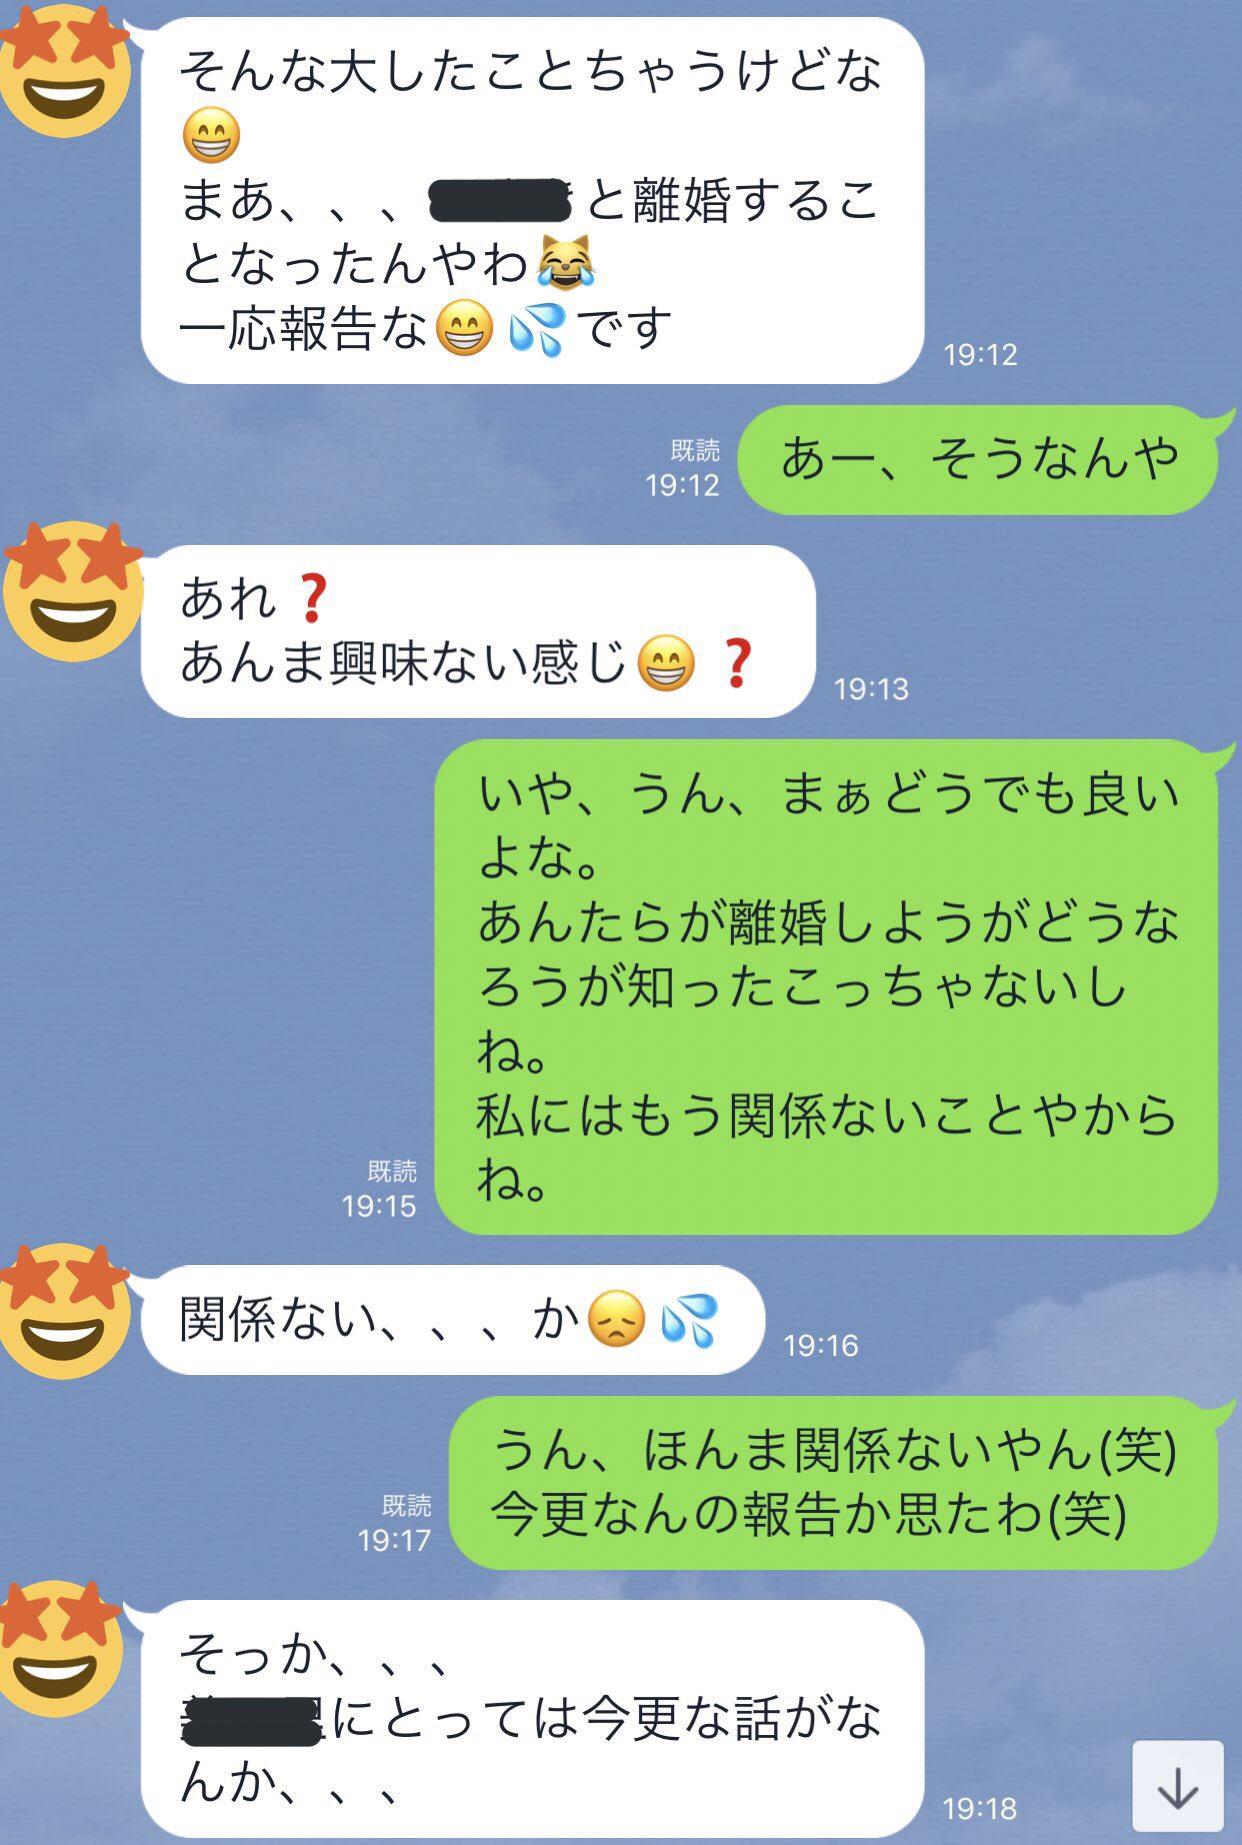 【画像】元カノに復縁を迫る男のLINE、女々しすぎワロタwww